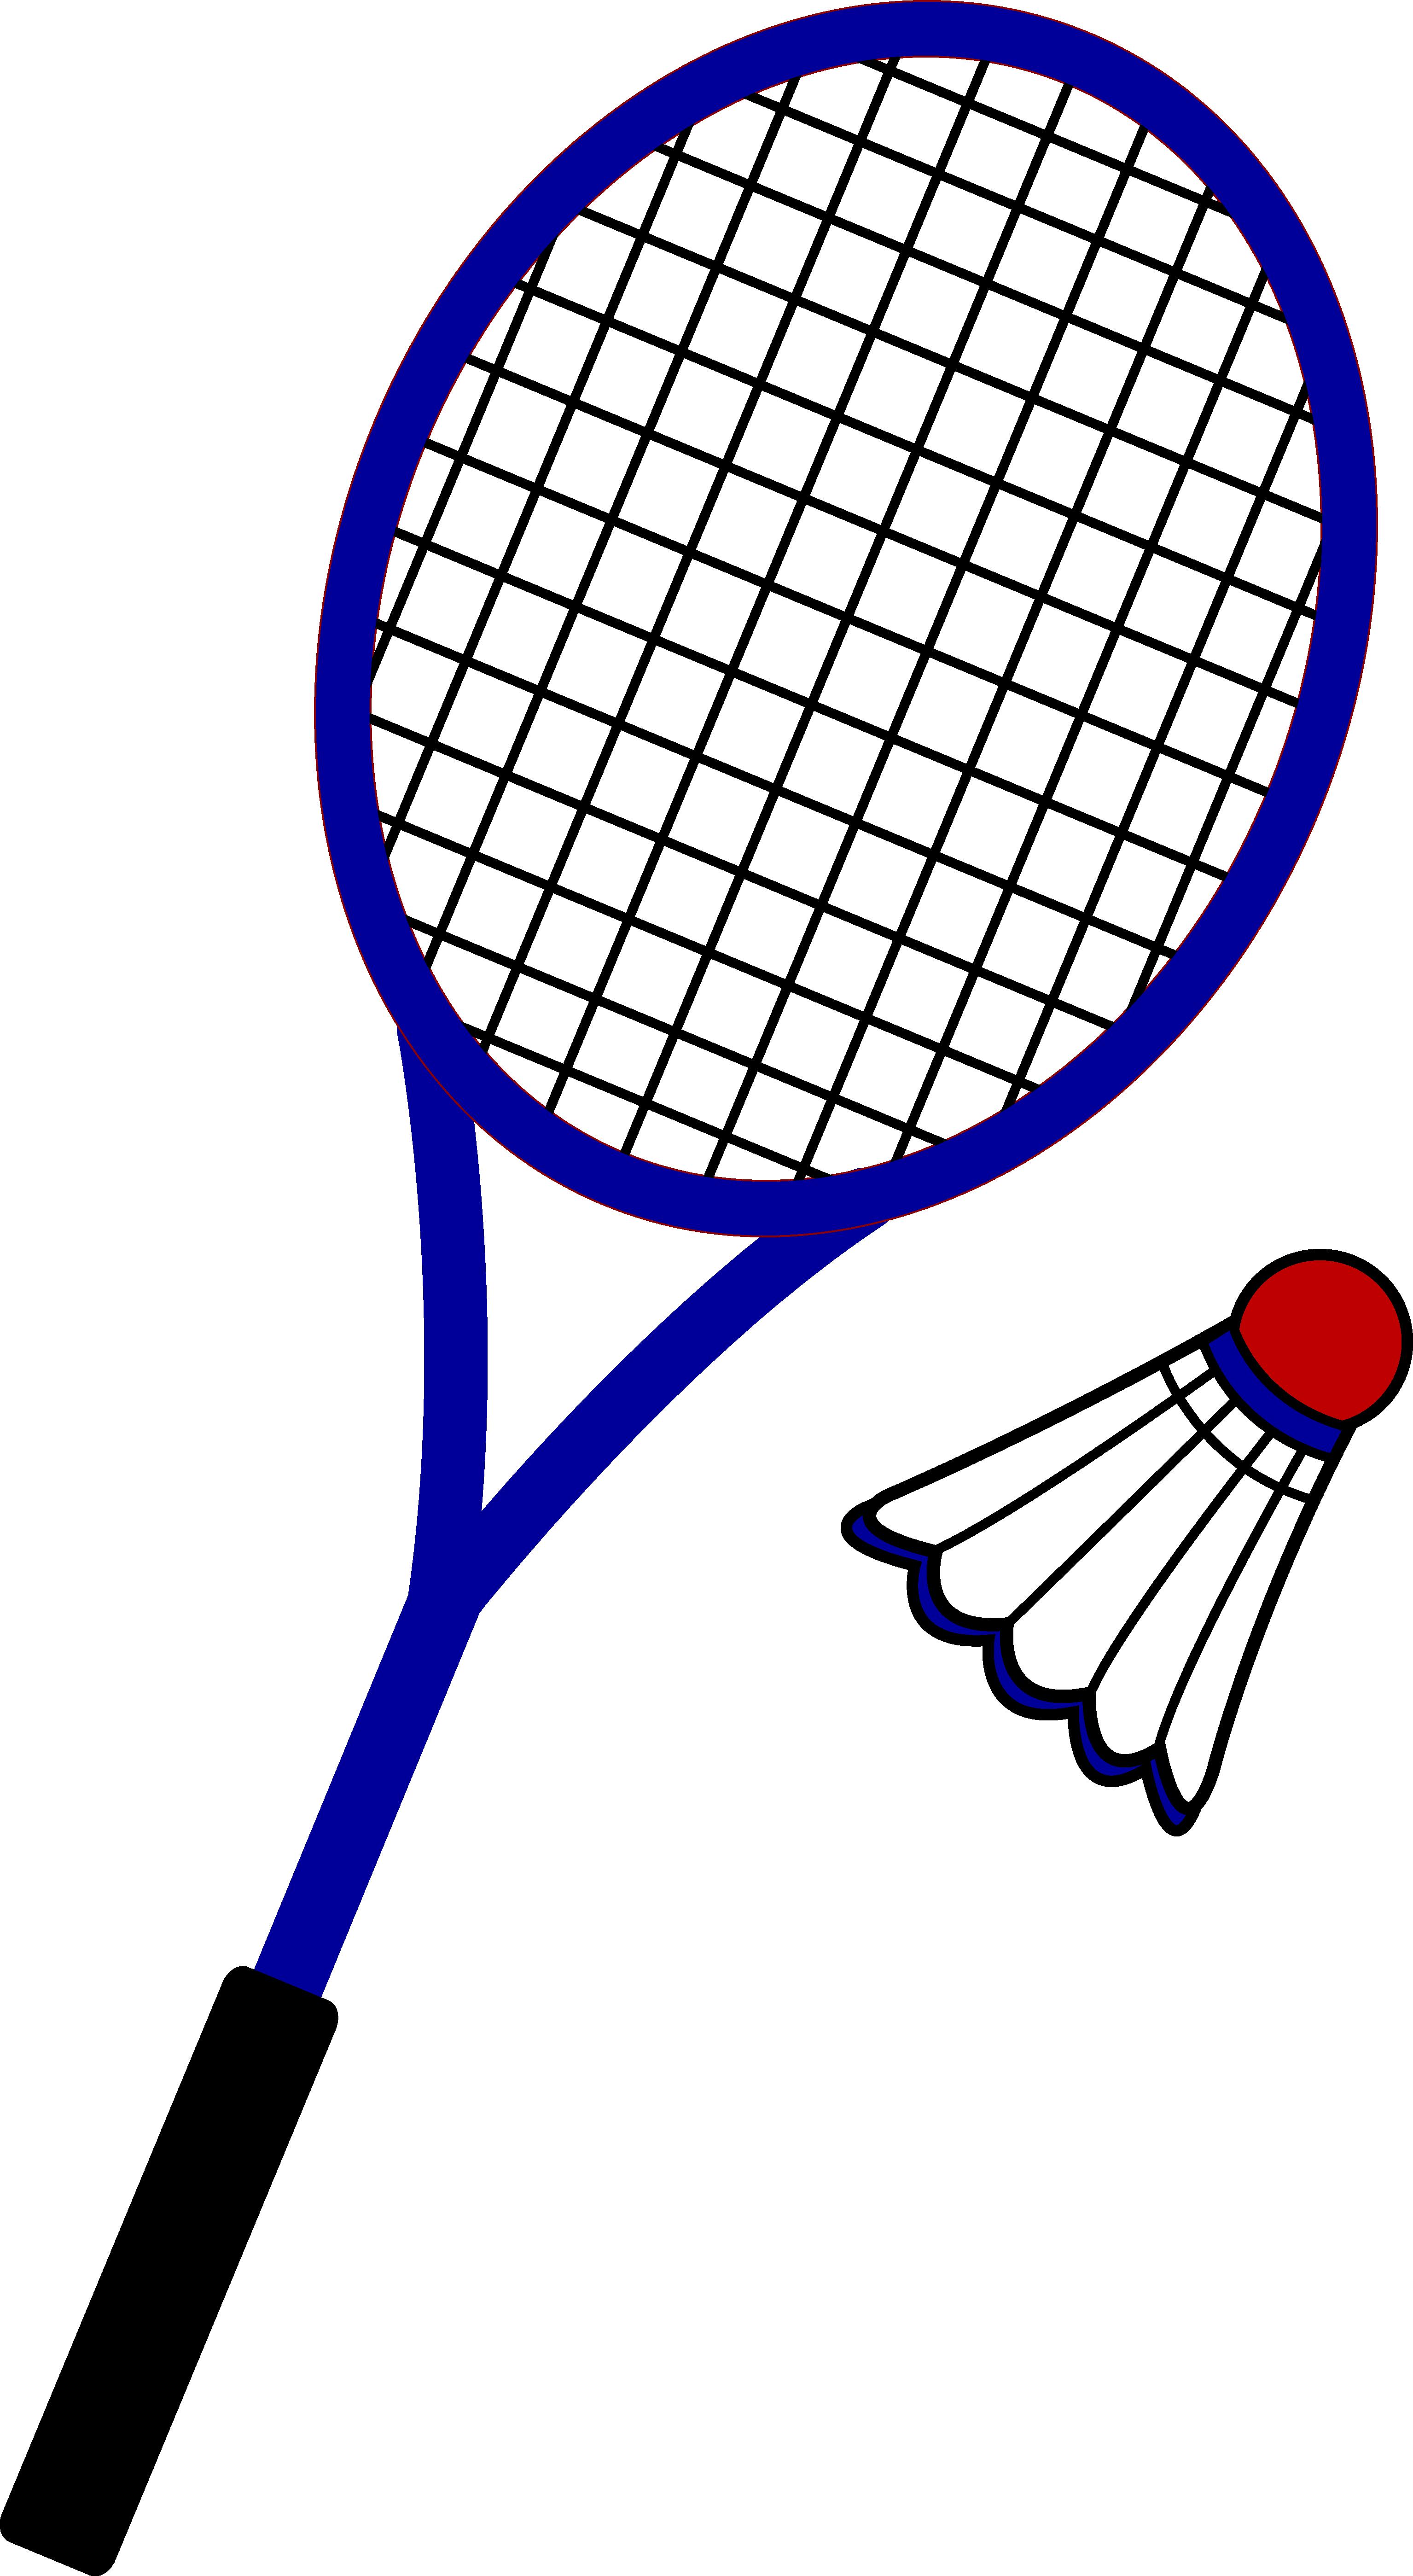 Words clipart tennis. Badminton racquet and birdie